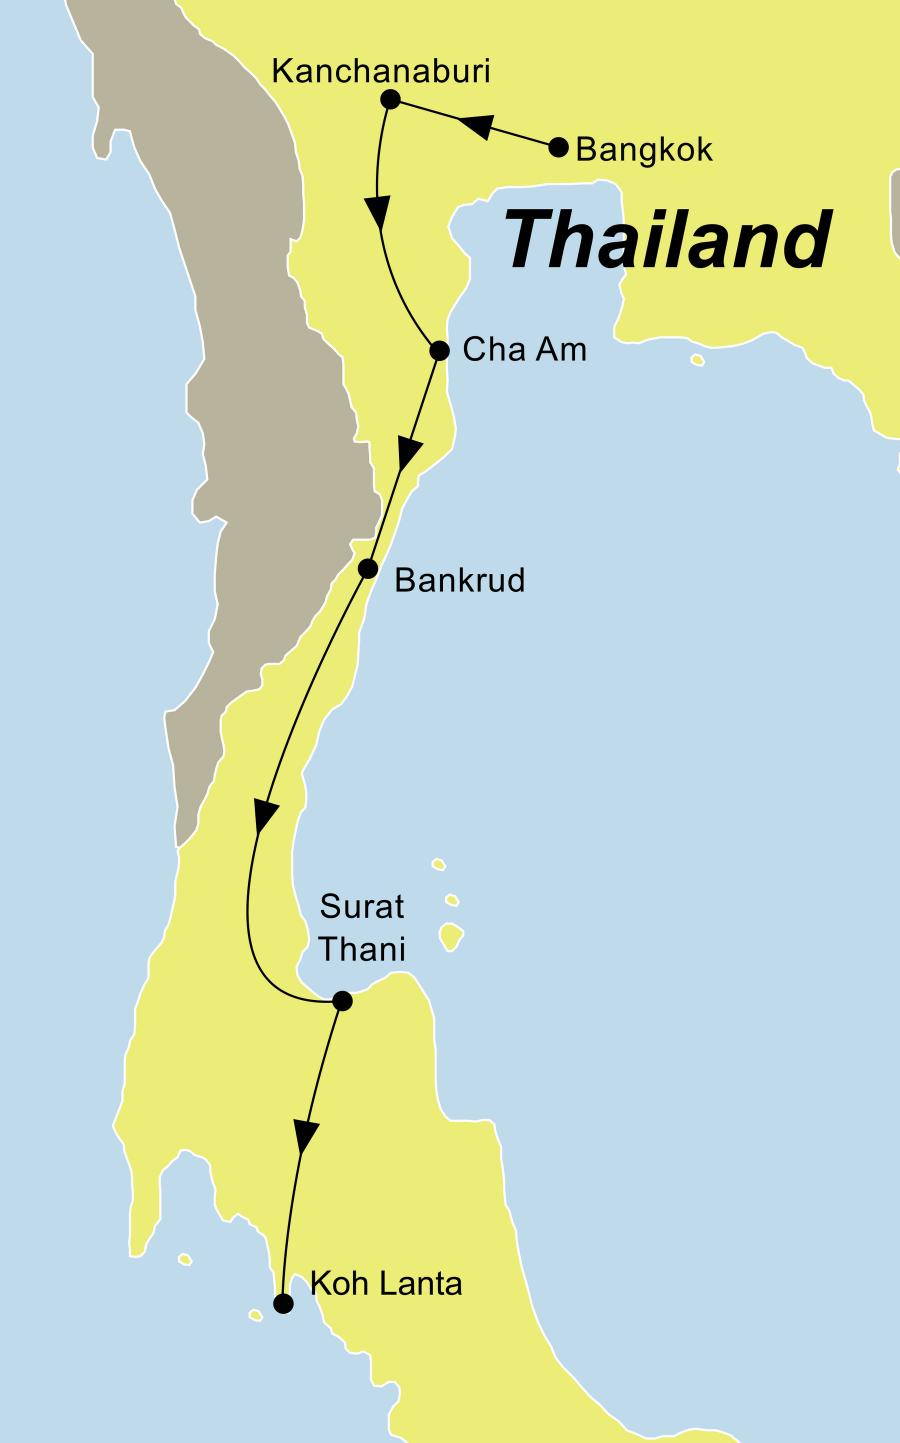 Der Reiseverlauf zu unserer Thailand Reise führt von Bangkok über Kanchanaburi – Schwimmende Märkte – Petchaburi – Cha Am – Prachuapkirikan – Bang Saphan – Surat Thani nach Koh Lanta